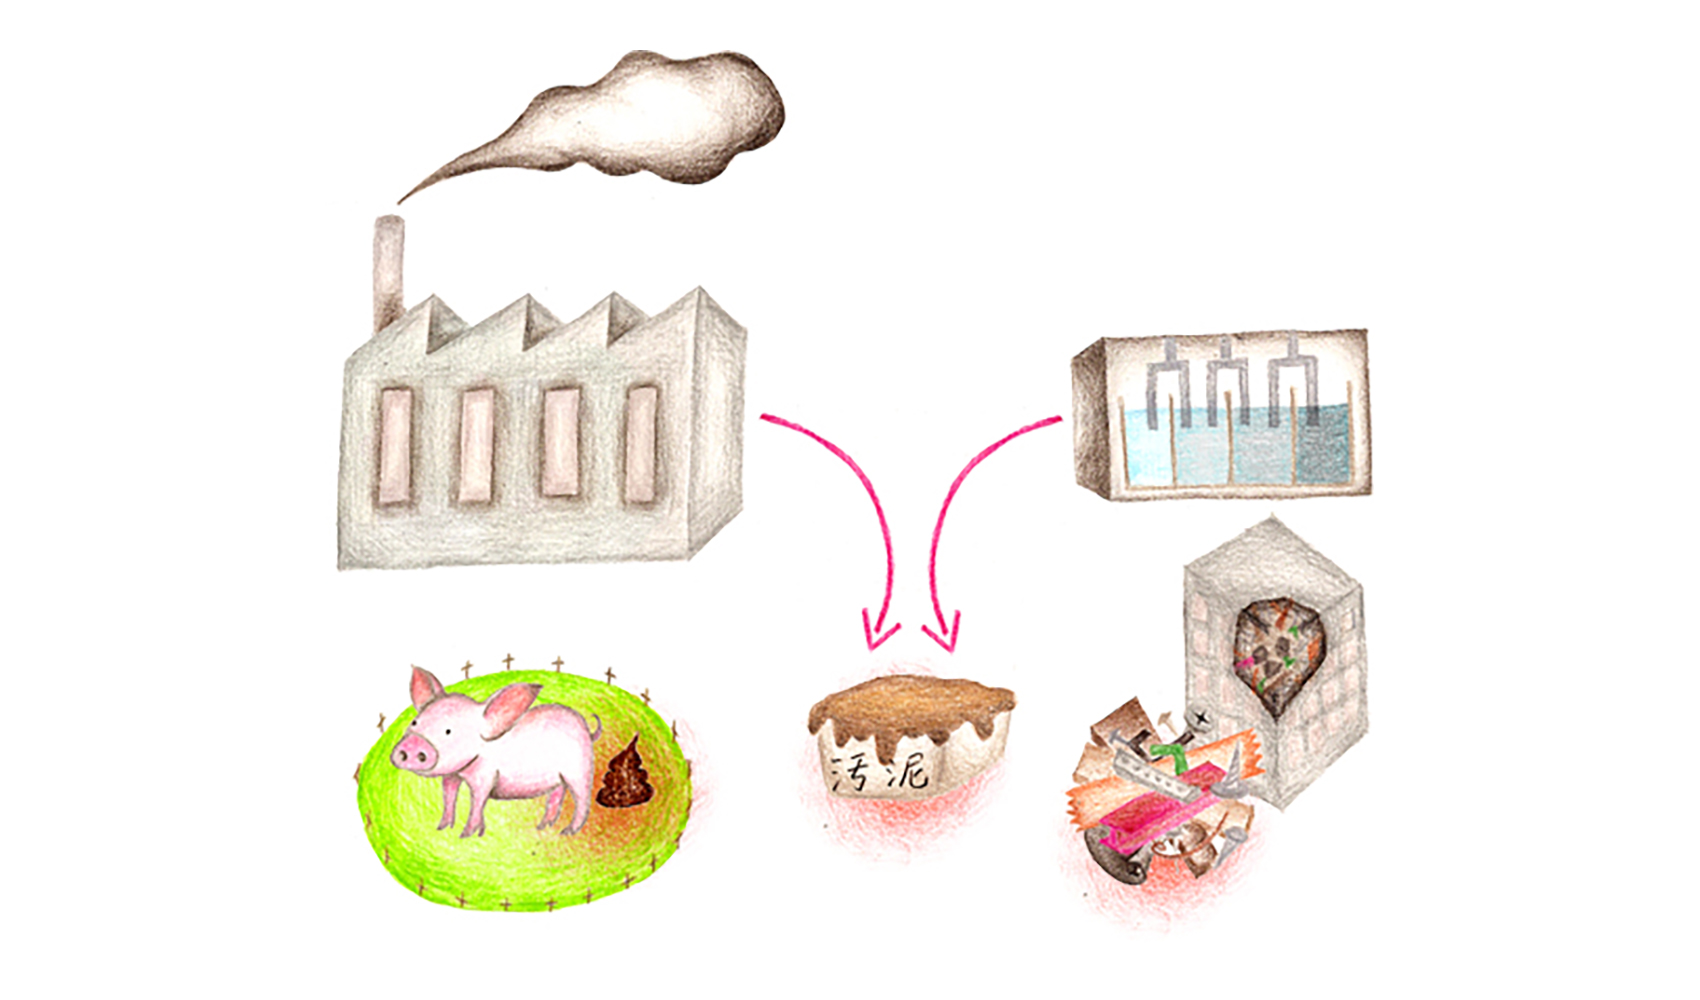 産業廃棄物って、何ですか?